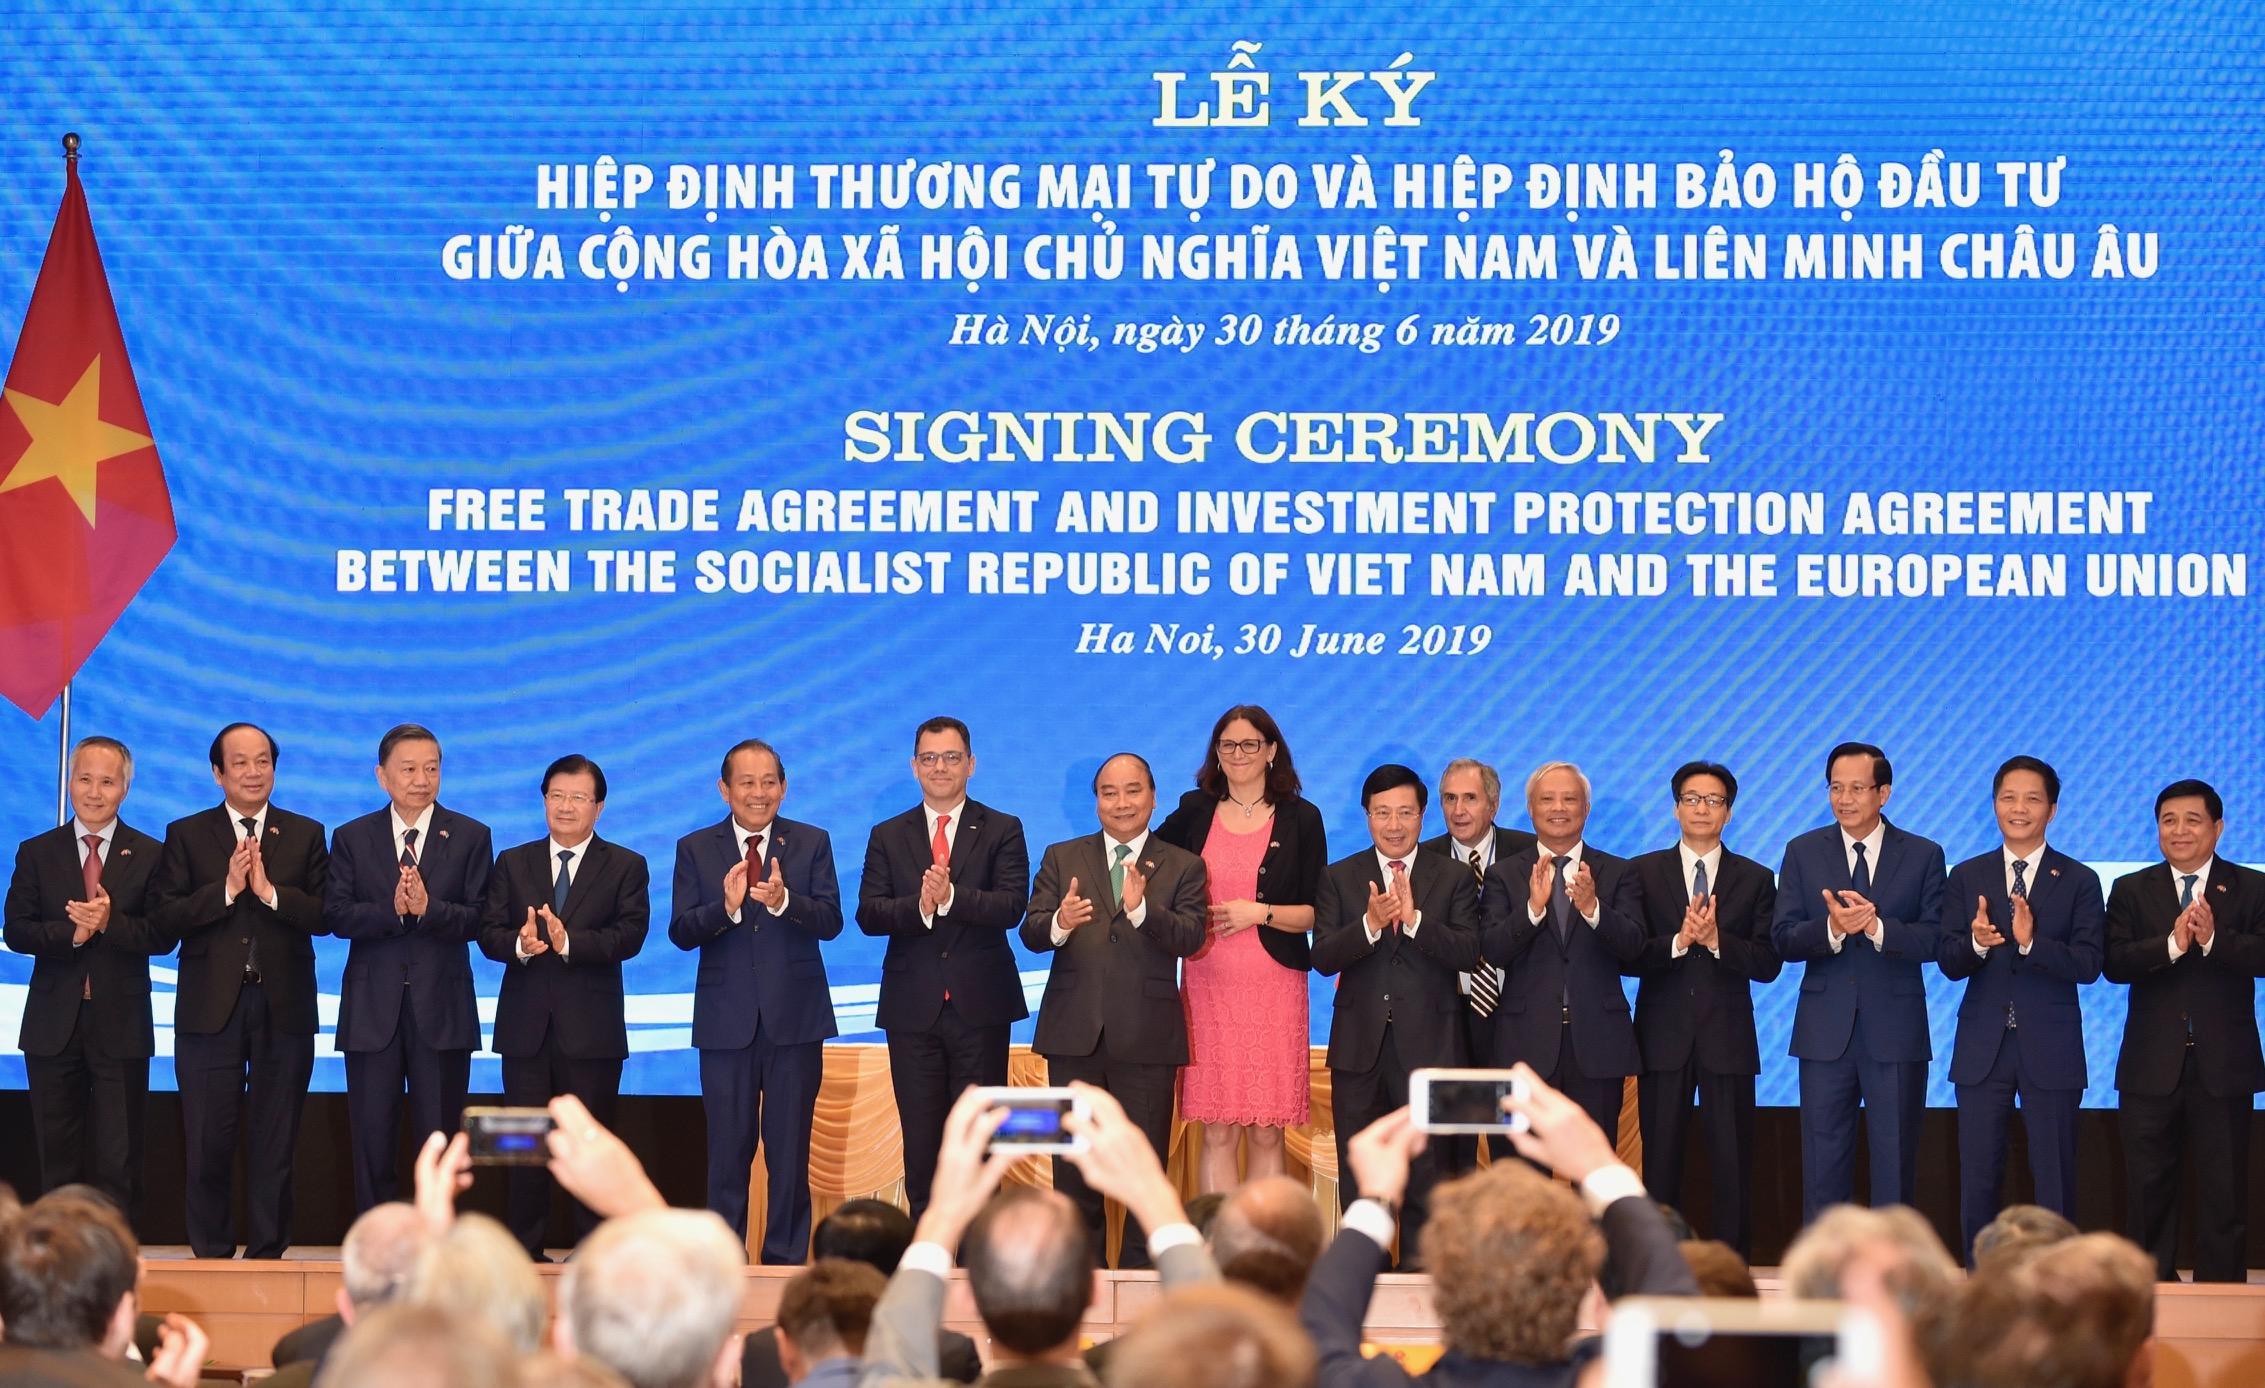 Hiệp định EVFTA và Hiệp định IPA giữa Việt Nam và Liên minh Châu Âu đã được ký kết - Ảnh 2